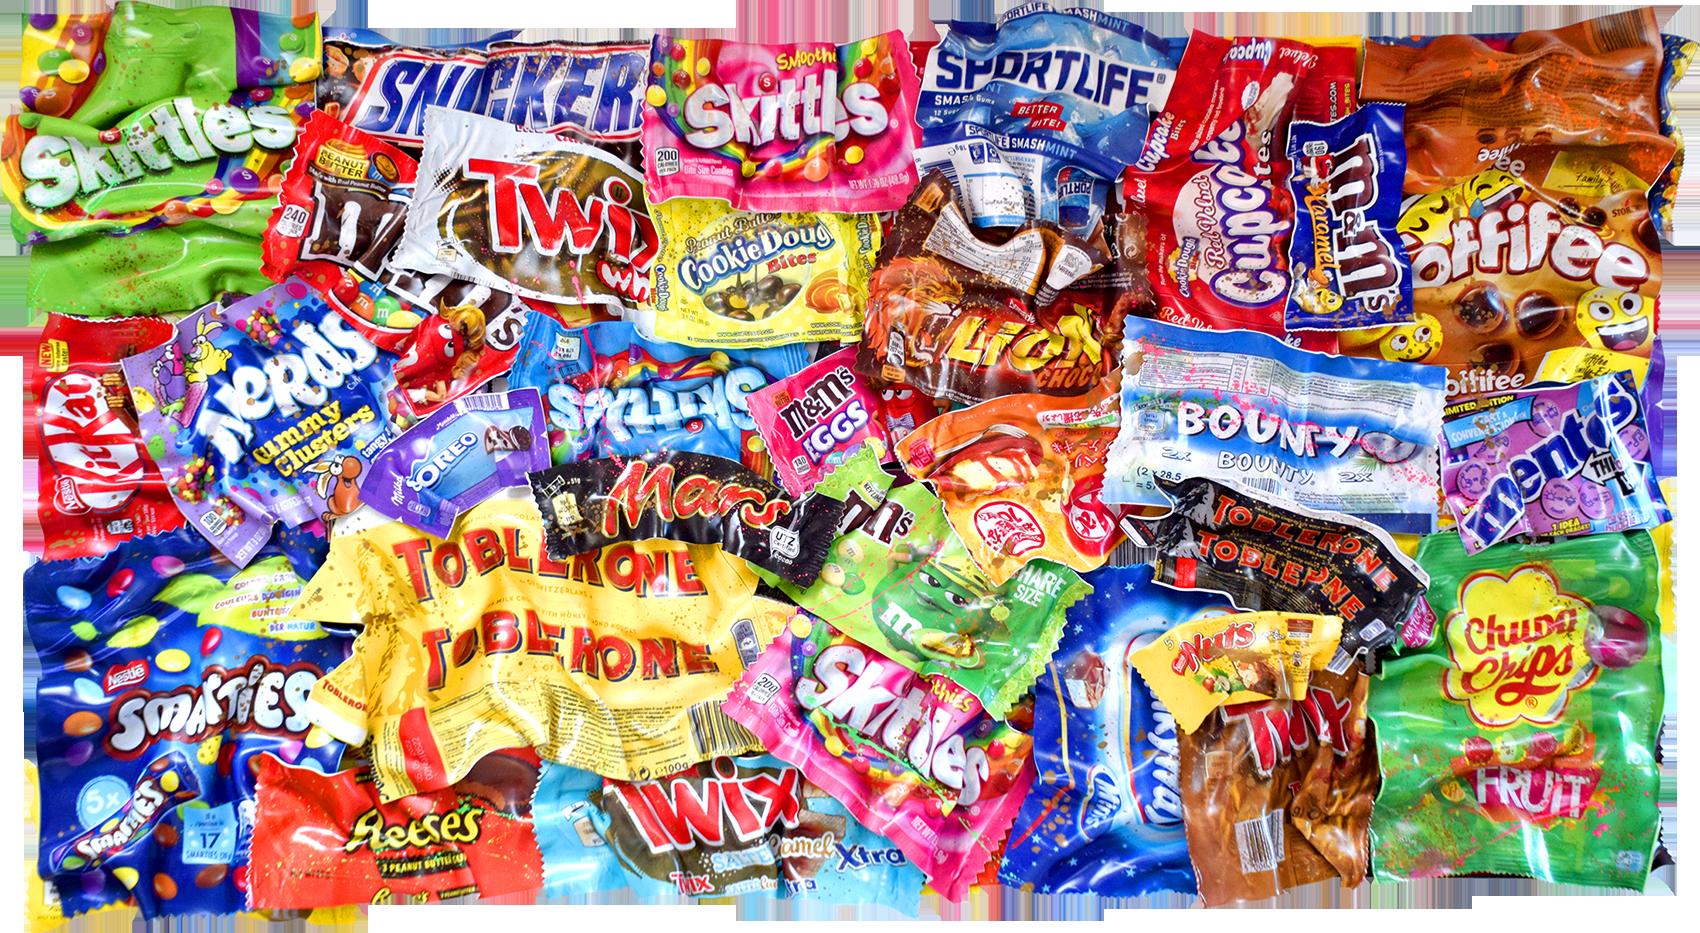 Floyd Douglas - Art Candy, 0656-012-079